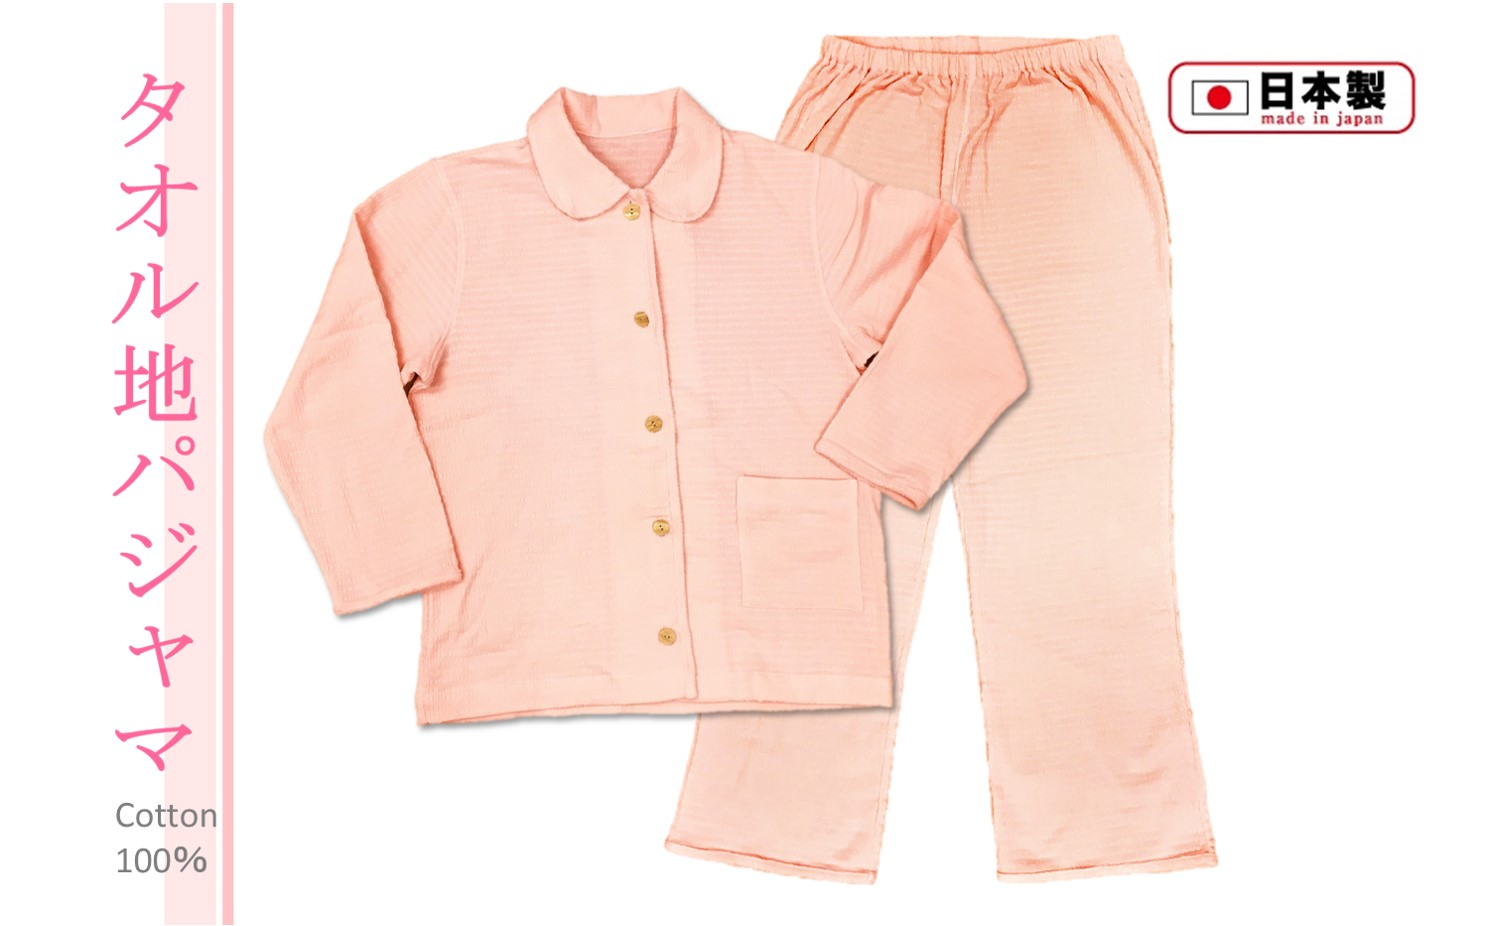 G0007.タオル地パジャマ 前開き(レディース・長袖)ピンクMサイズ